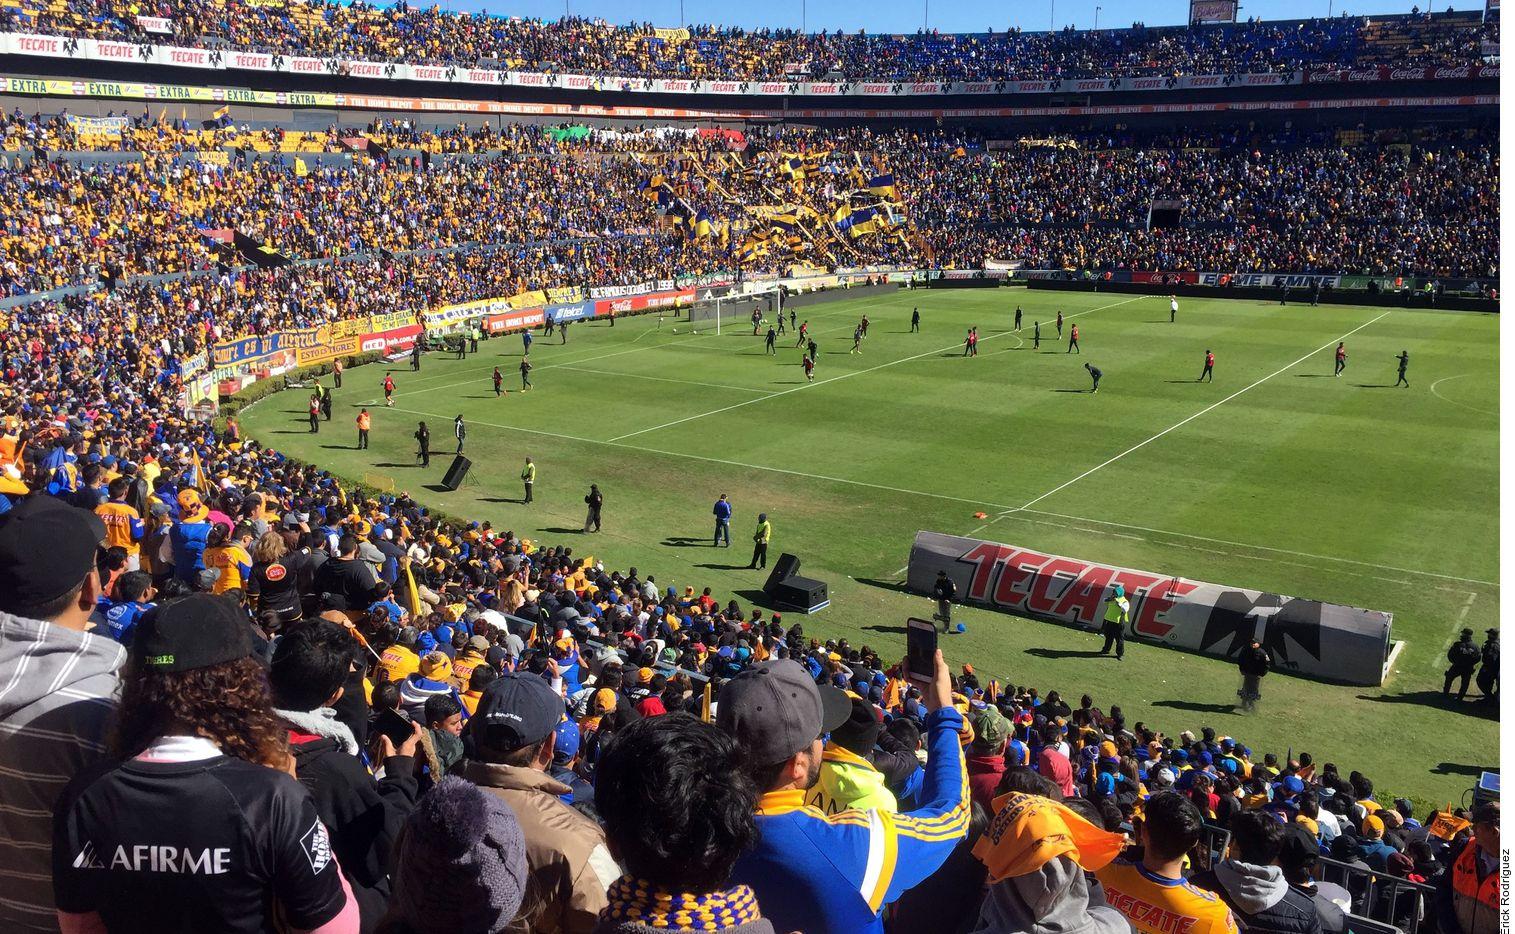 Práctica del domingo de los Tigres será abierta para los aficionados. Foto Agencia Reforma